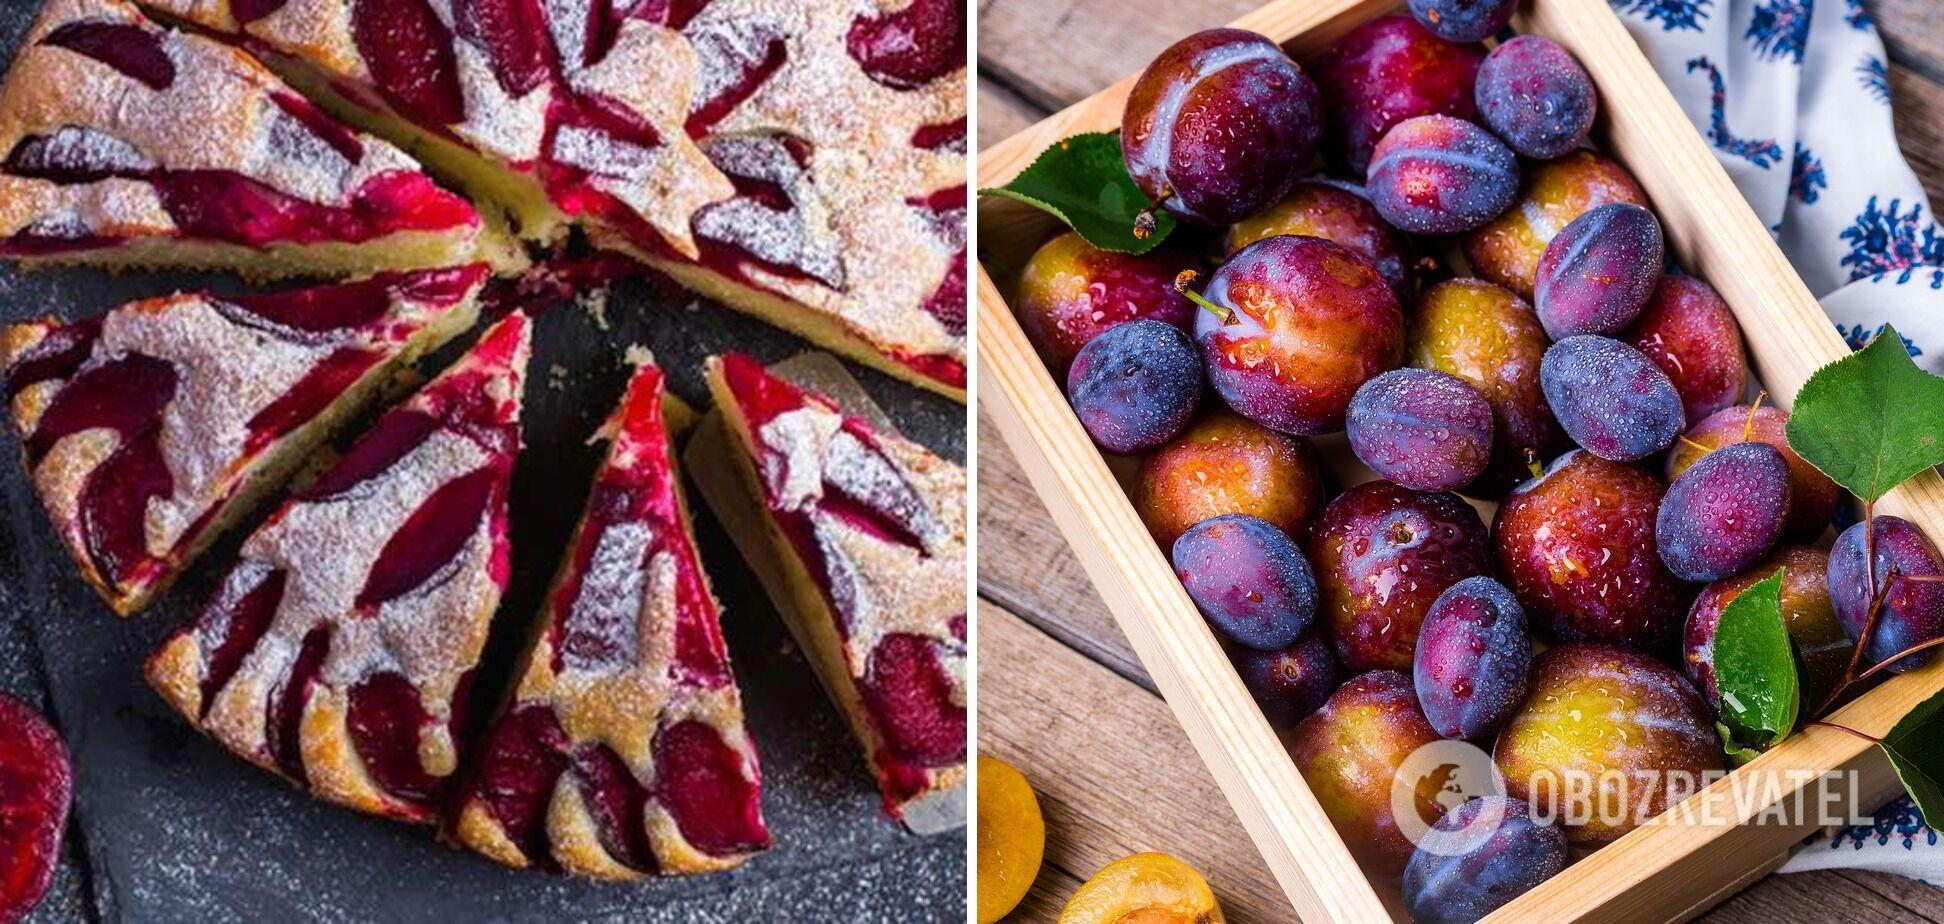 Сливовый пирог из The New York Times, который покорил мир: история и рецепт блюда